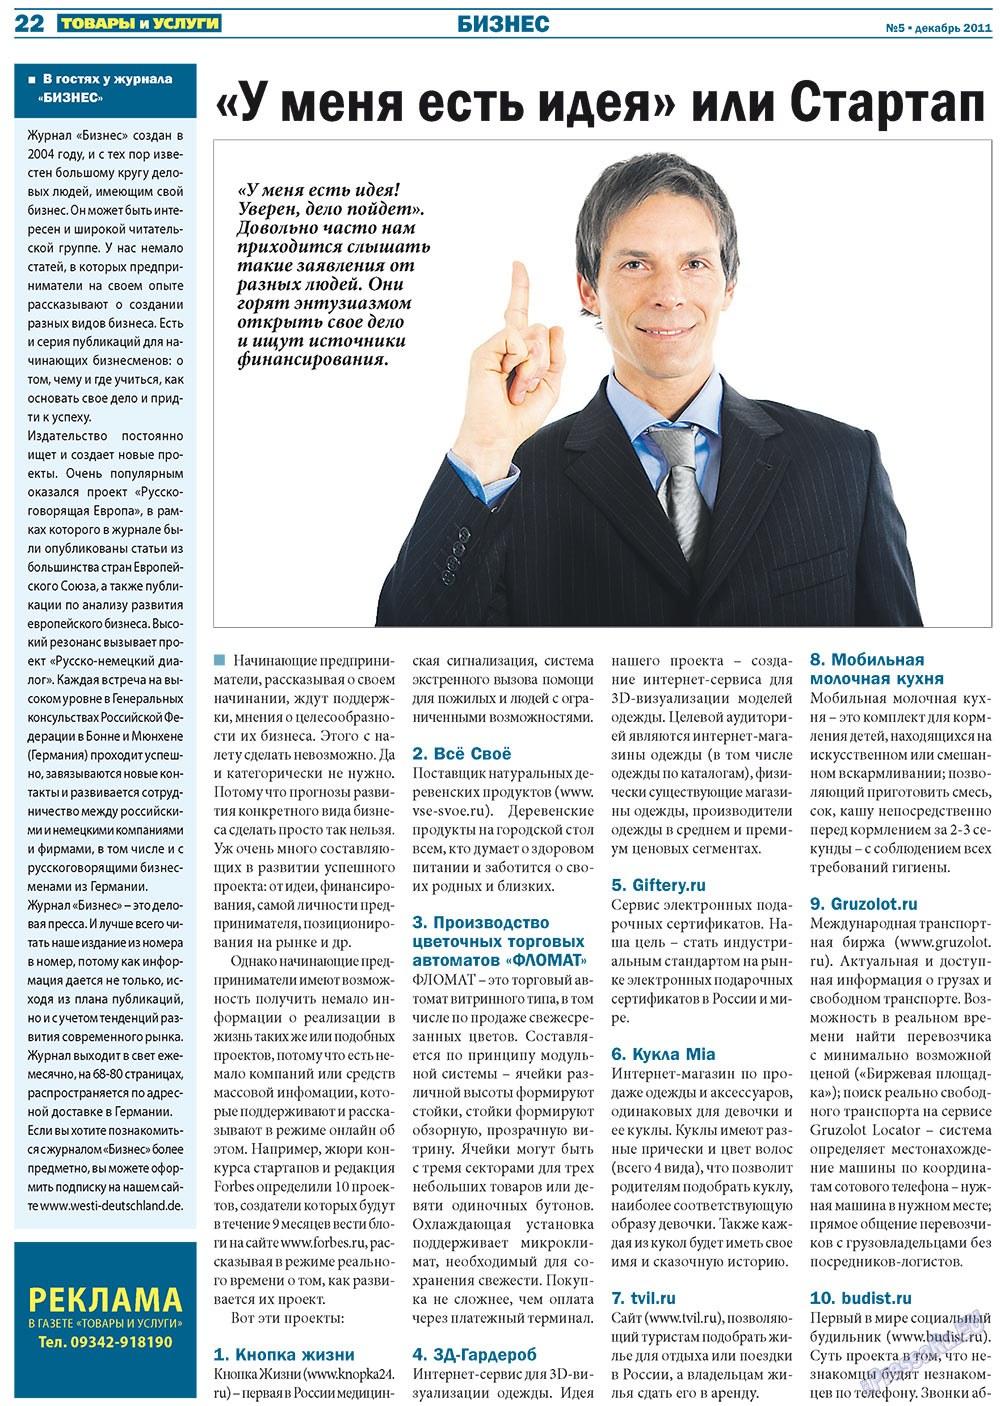 Товары и услуги (газета). 2011 год, номер 5, стр. 22